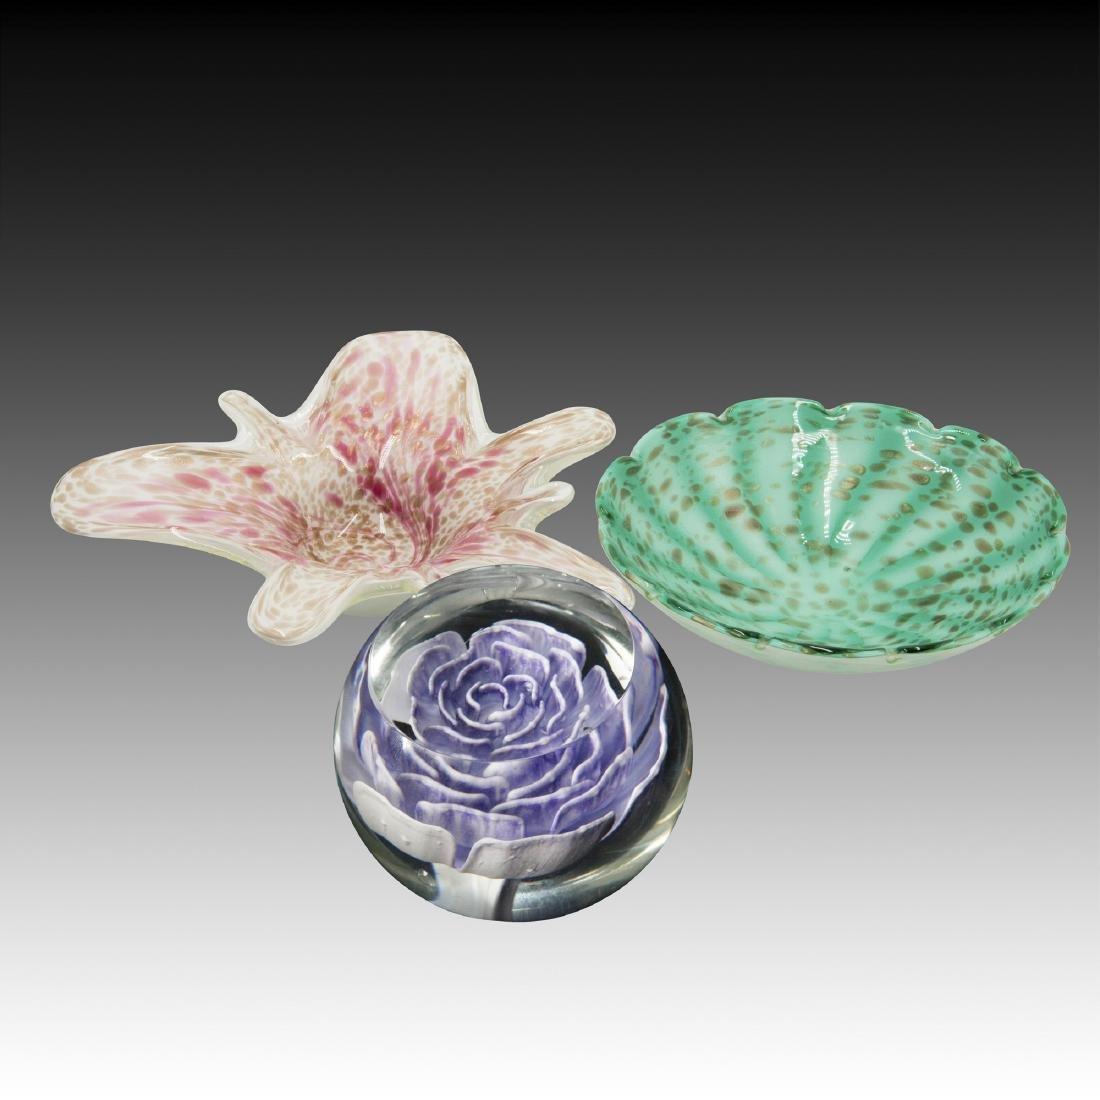 Modern Art Glass Paperweight & Murano Bowls